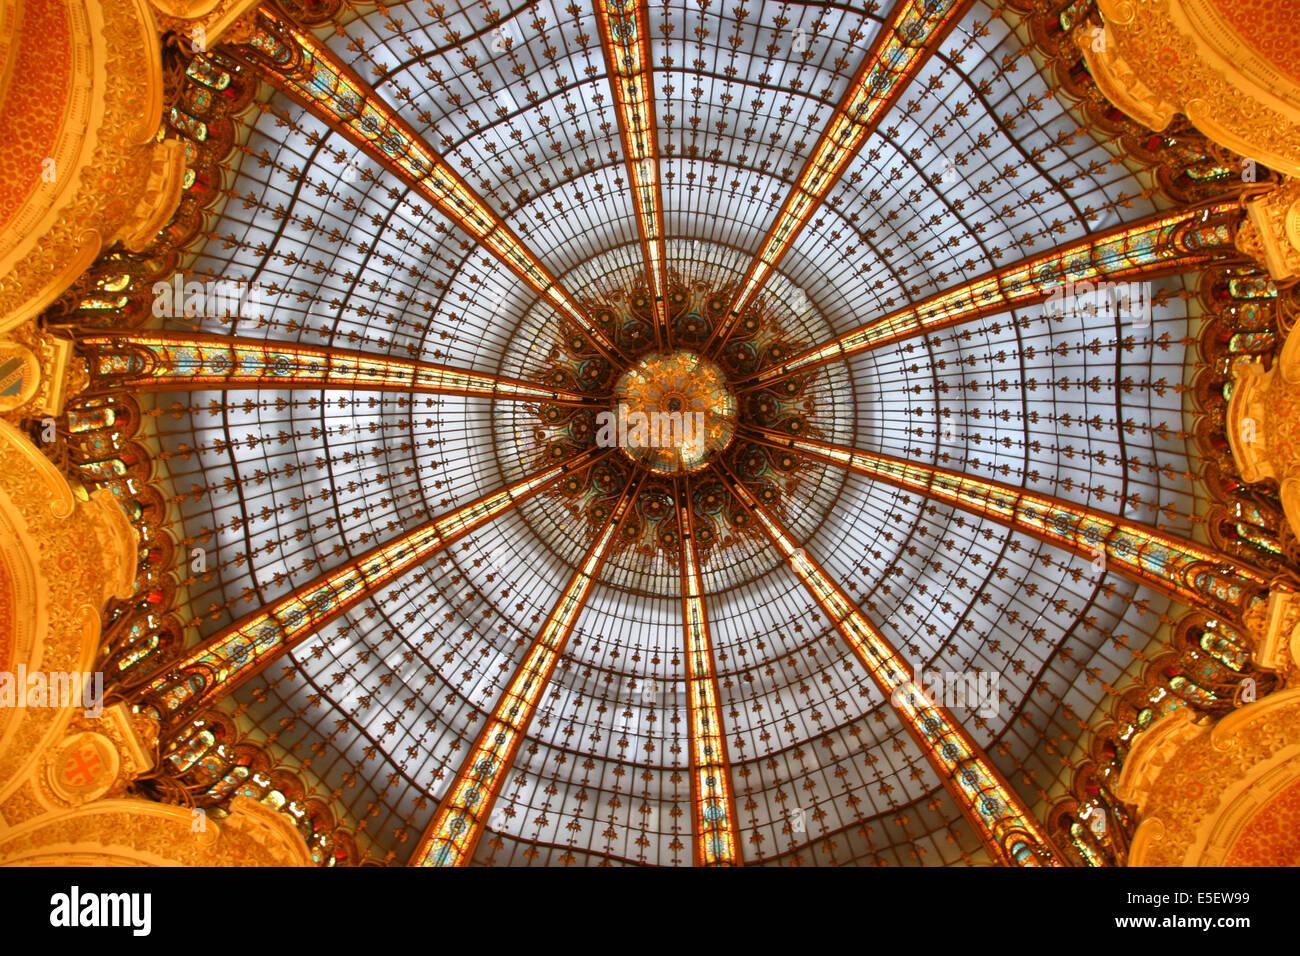 France, paris 9e, verriere, coupole, galeries lafayette, art nouveau, 40 boulevard haussmann, grand magasin, - Stock Image